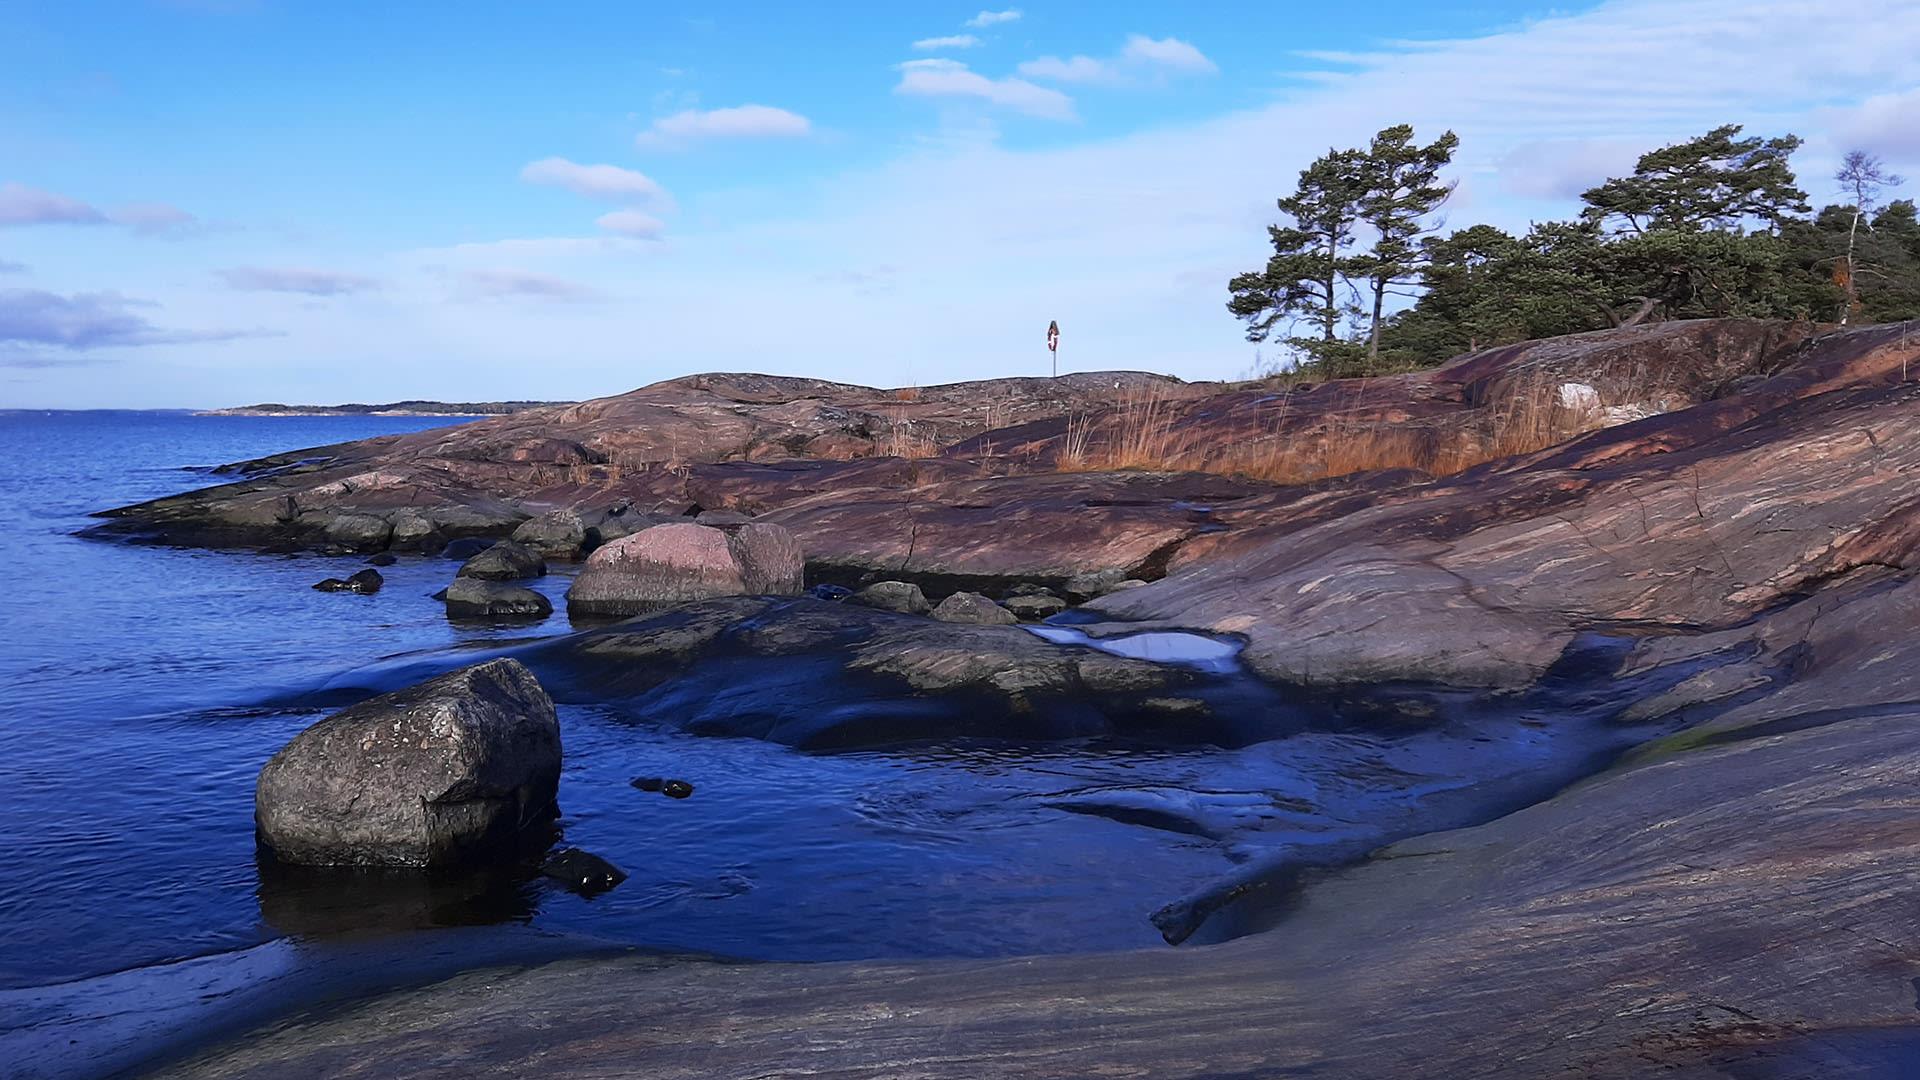 Baltic Sea in Finland